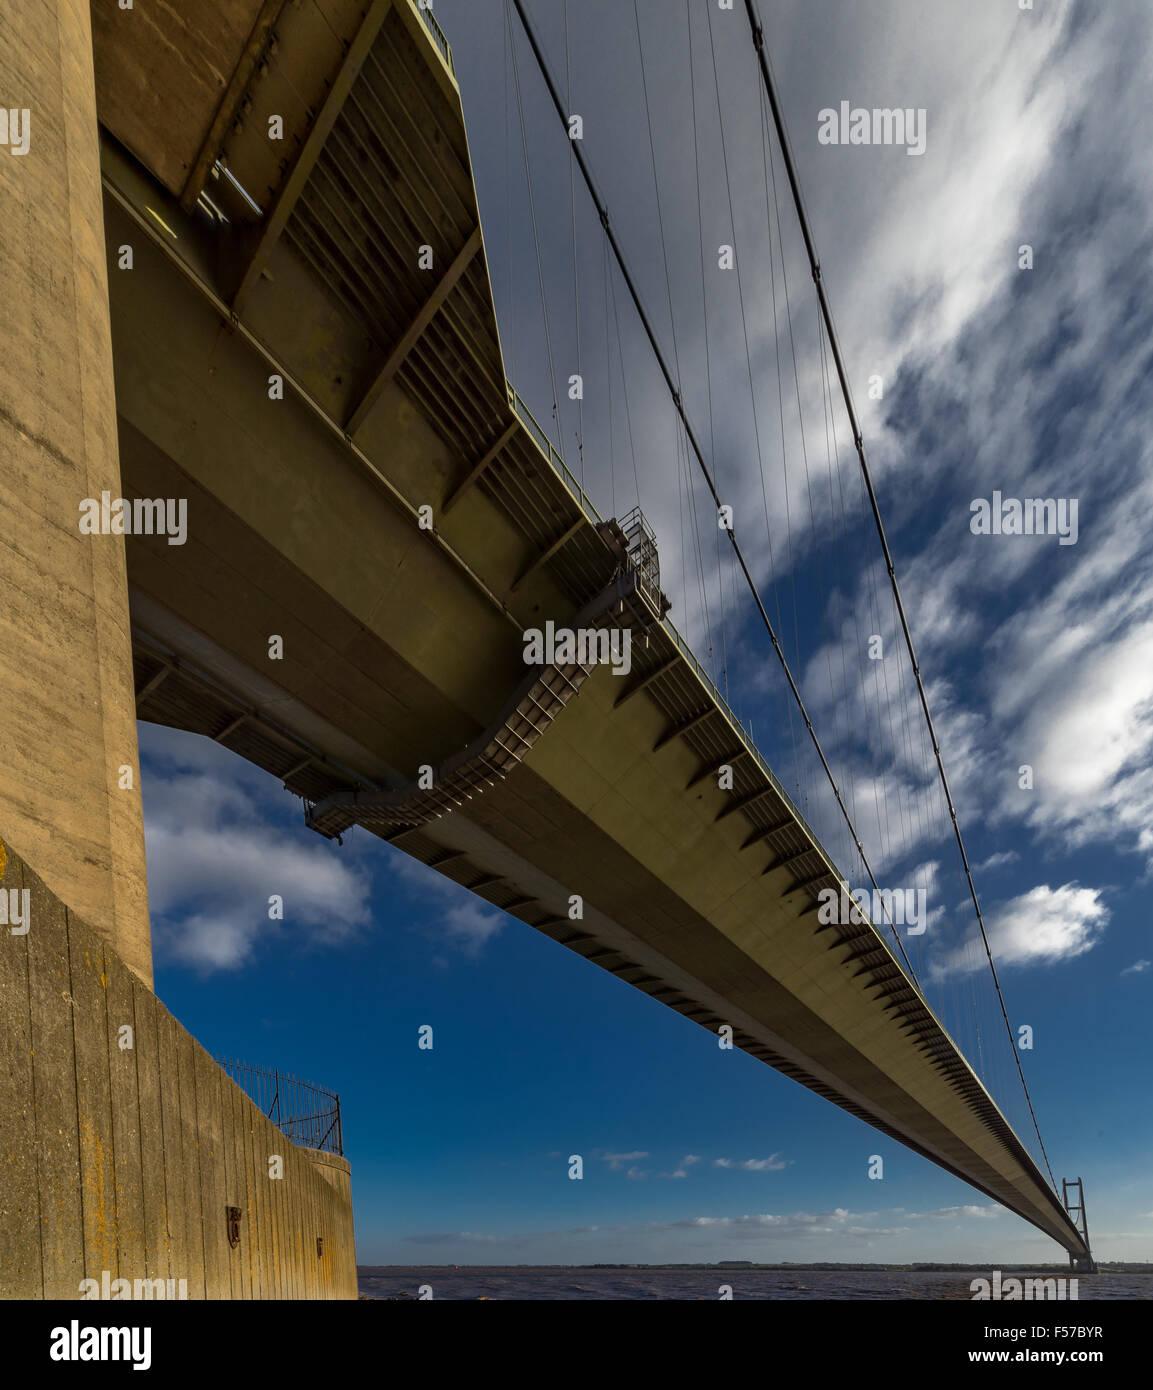 The Humber Suspension Bridge, Hull, United Kingdom. - Stock Image